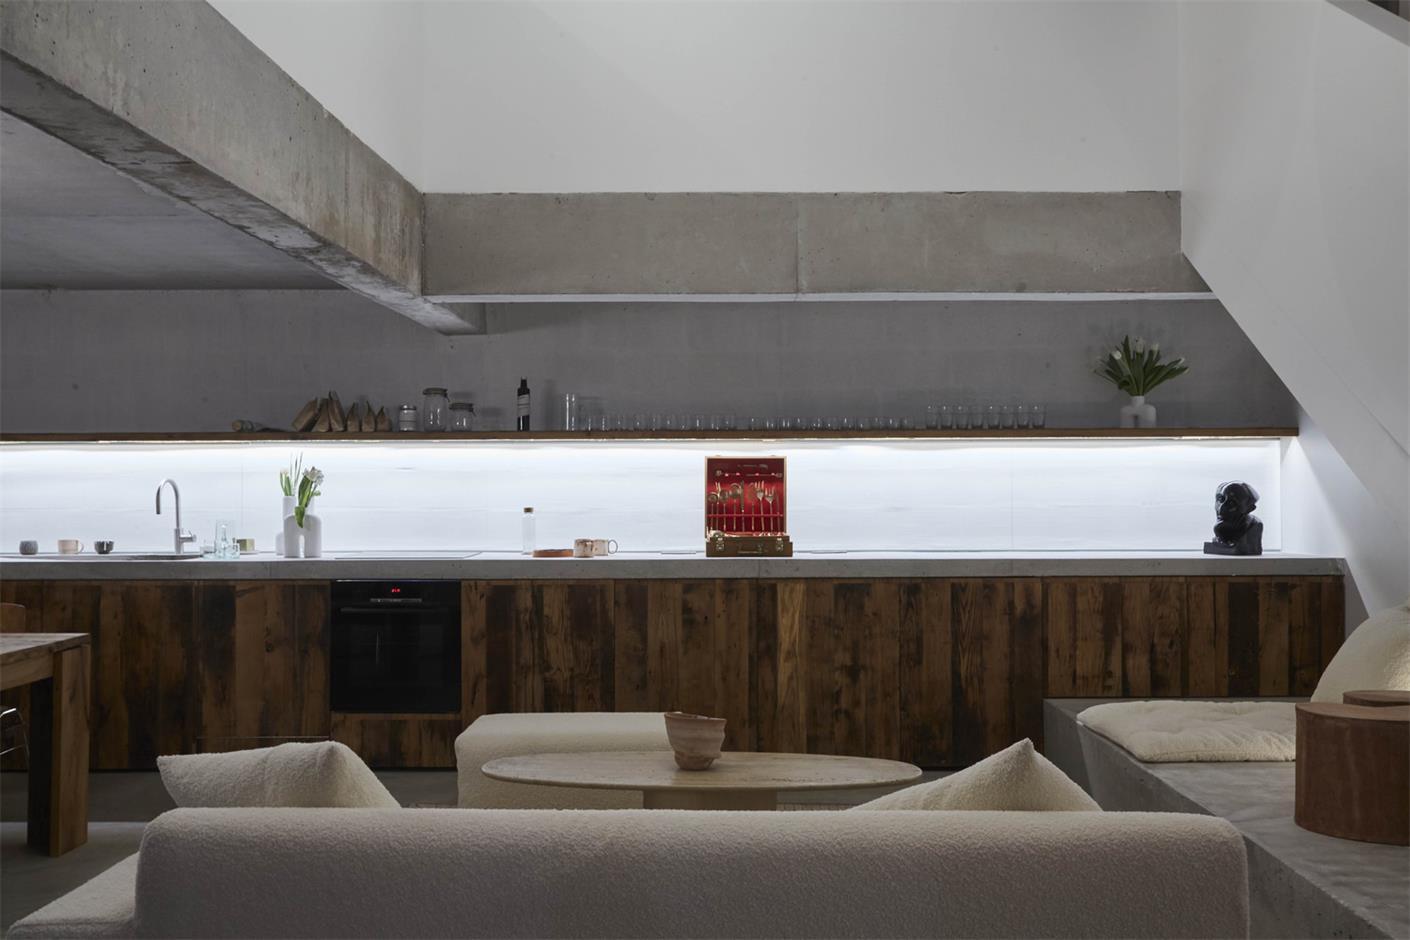 从摄影工作室沙发区望向开放式厨房的场景